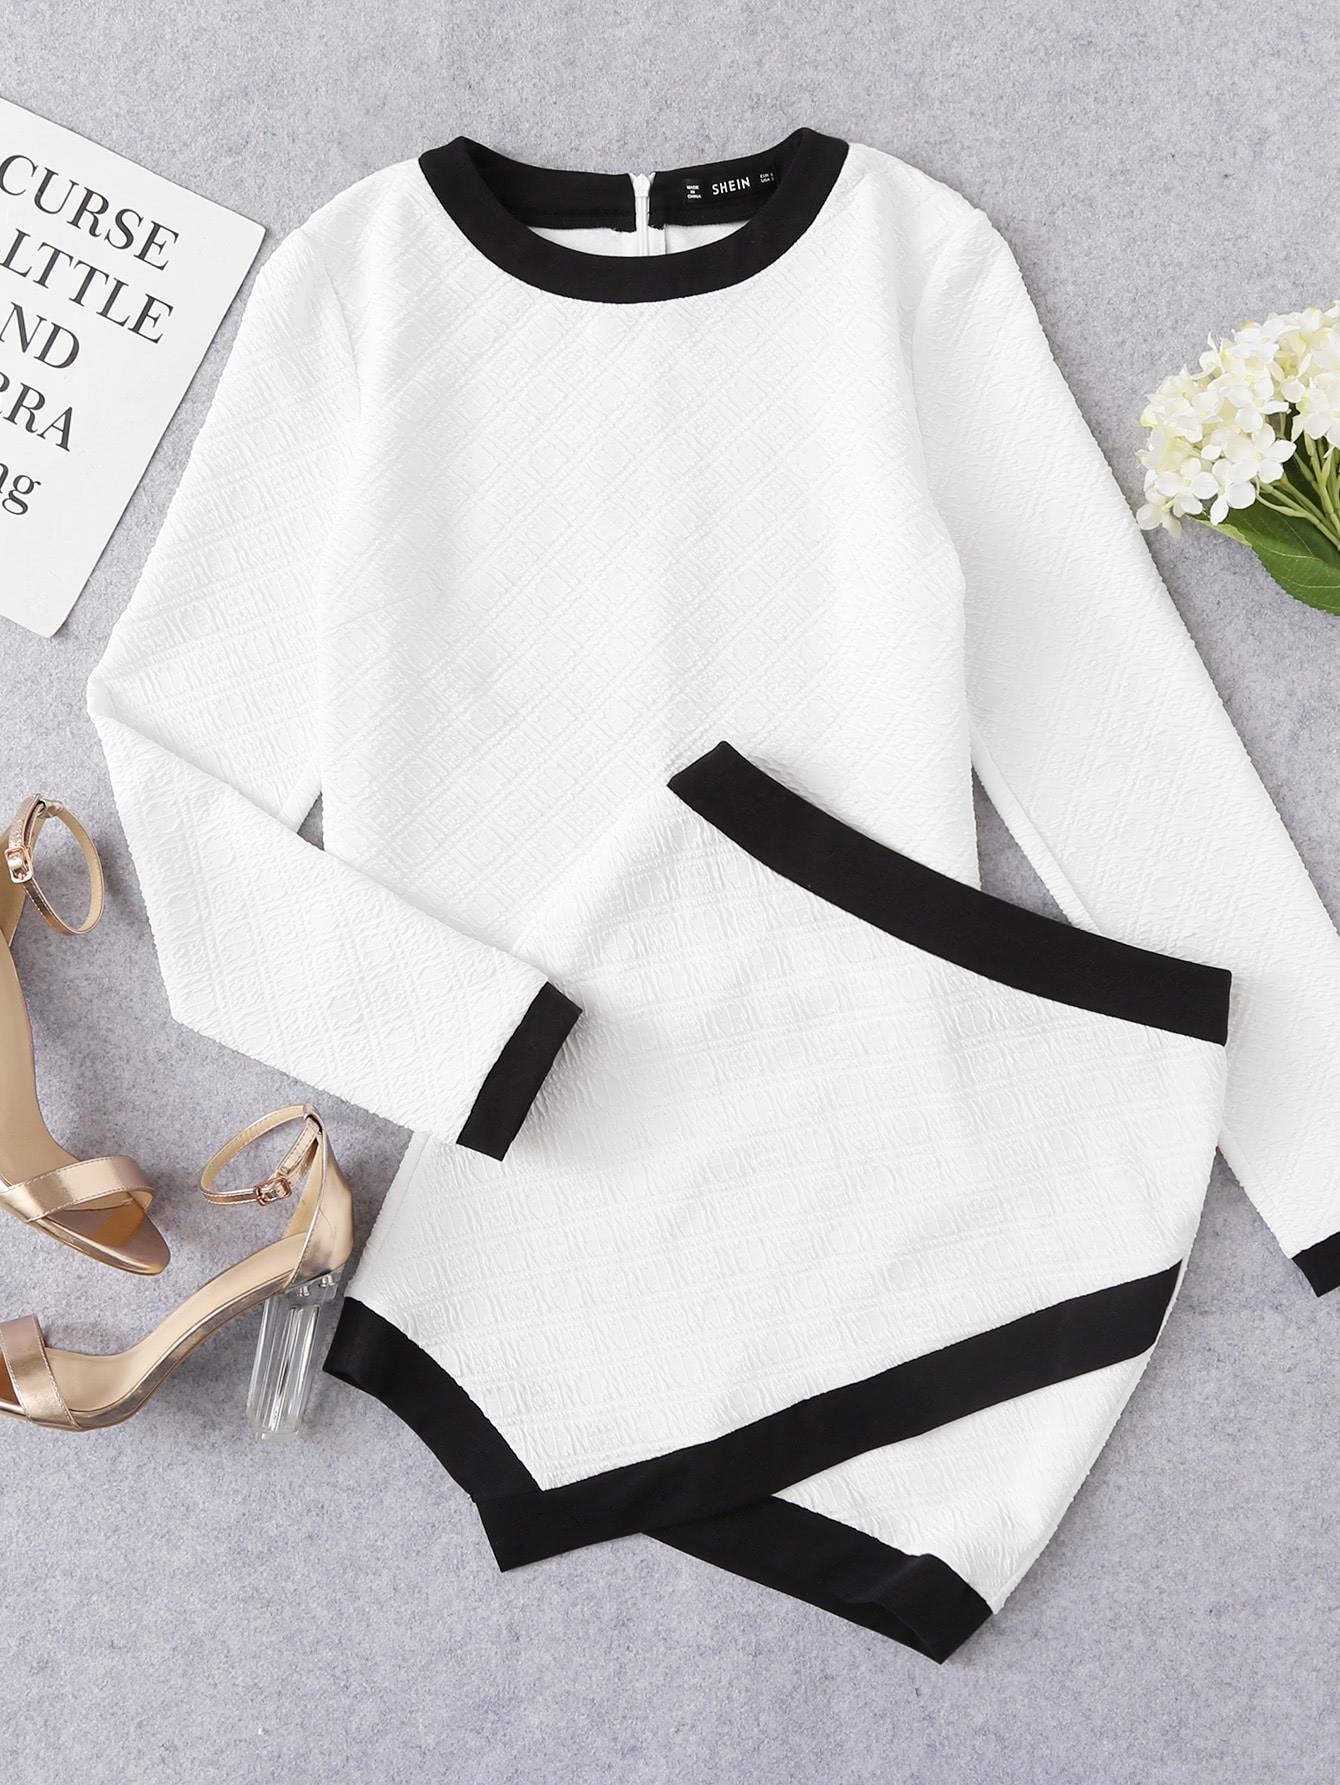 Ringer Textured Top & Overlap Skirt Set